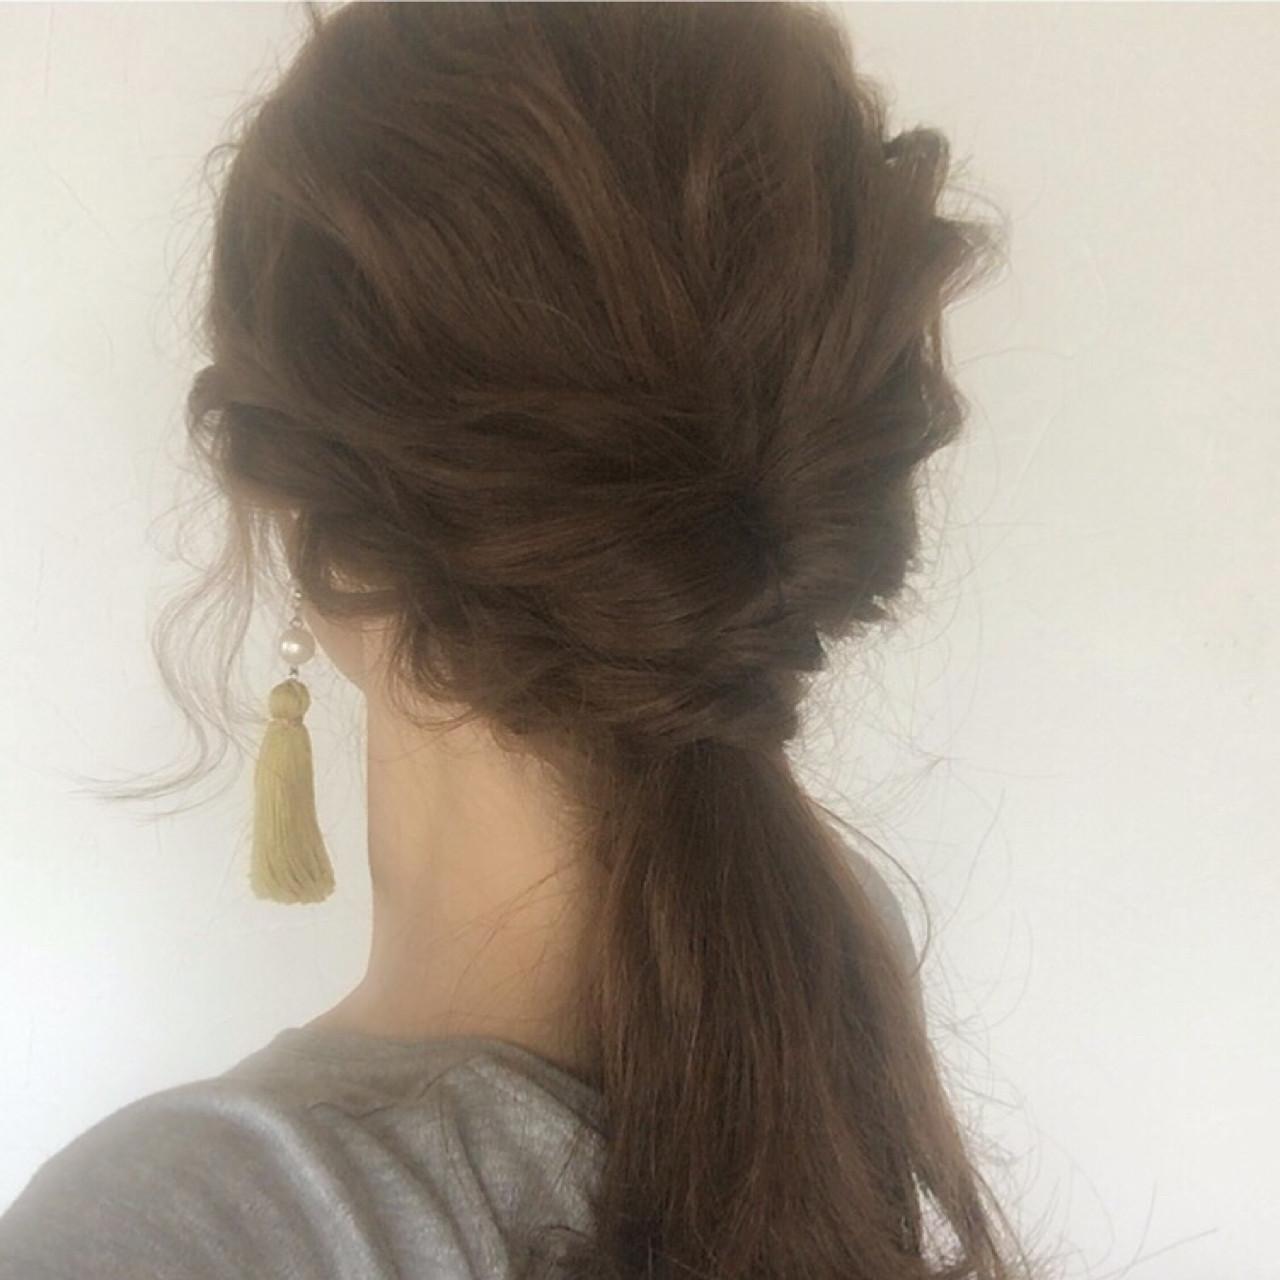 ロープ編み セルフヘアアレンジ セミロング ヘアアレンジ ヘアスタイルや髪型の写真・画像